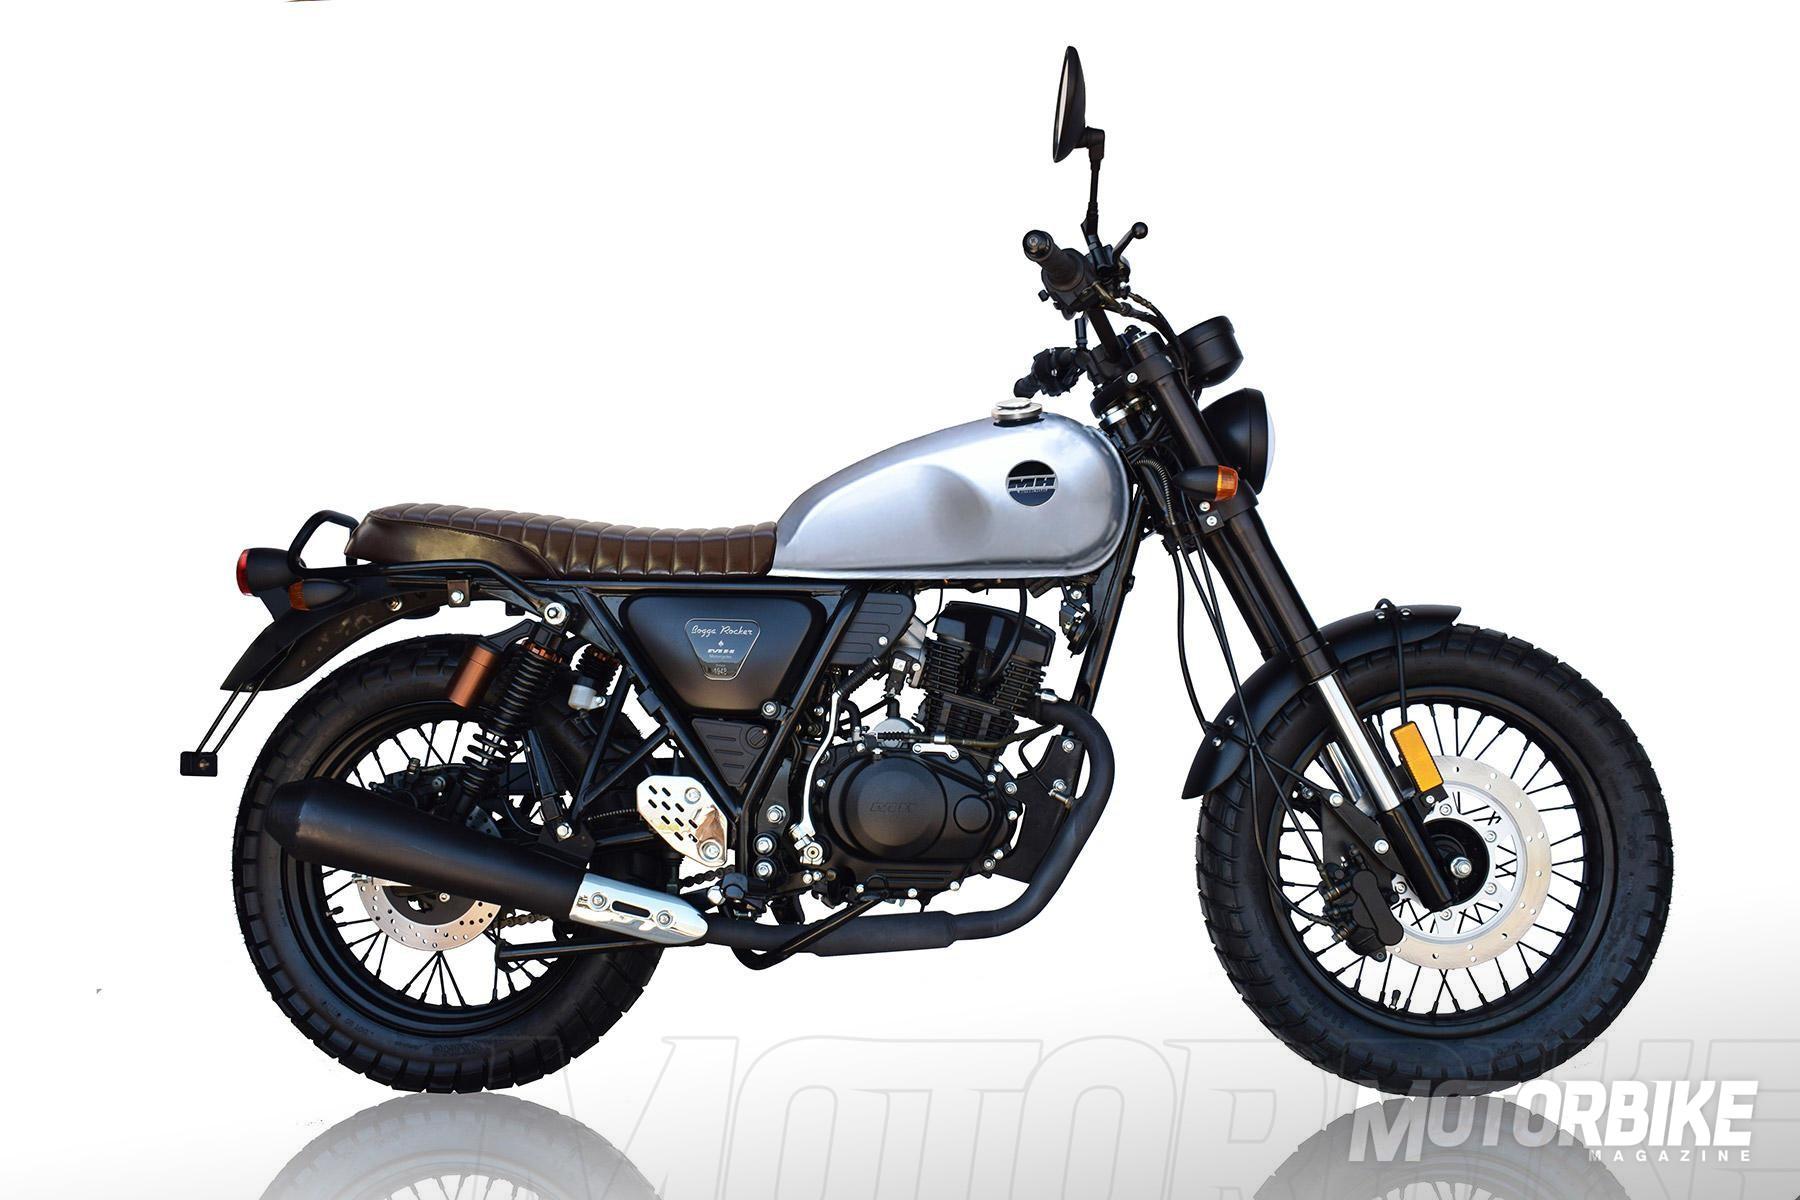 MH Revenge 125 2019 - Precio, fotos, ficha técnica y motos